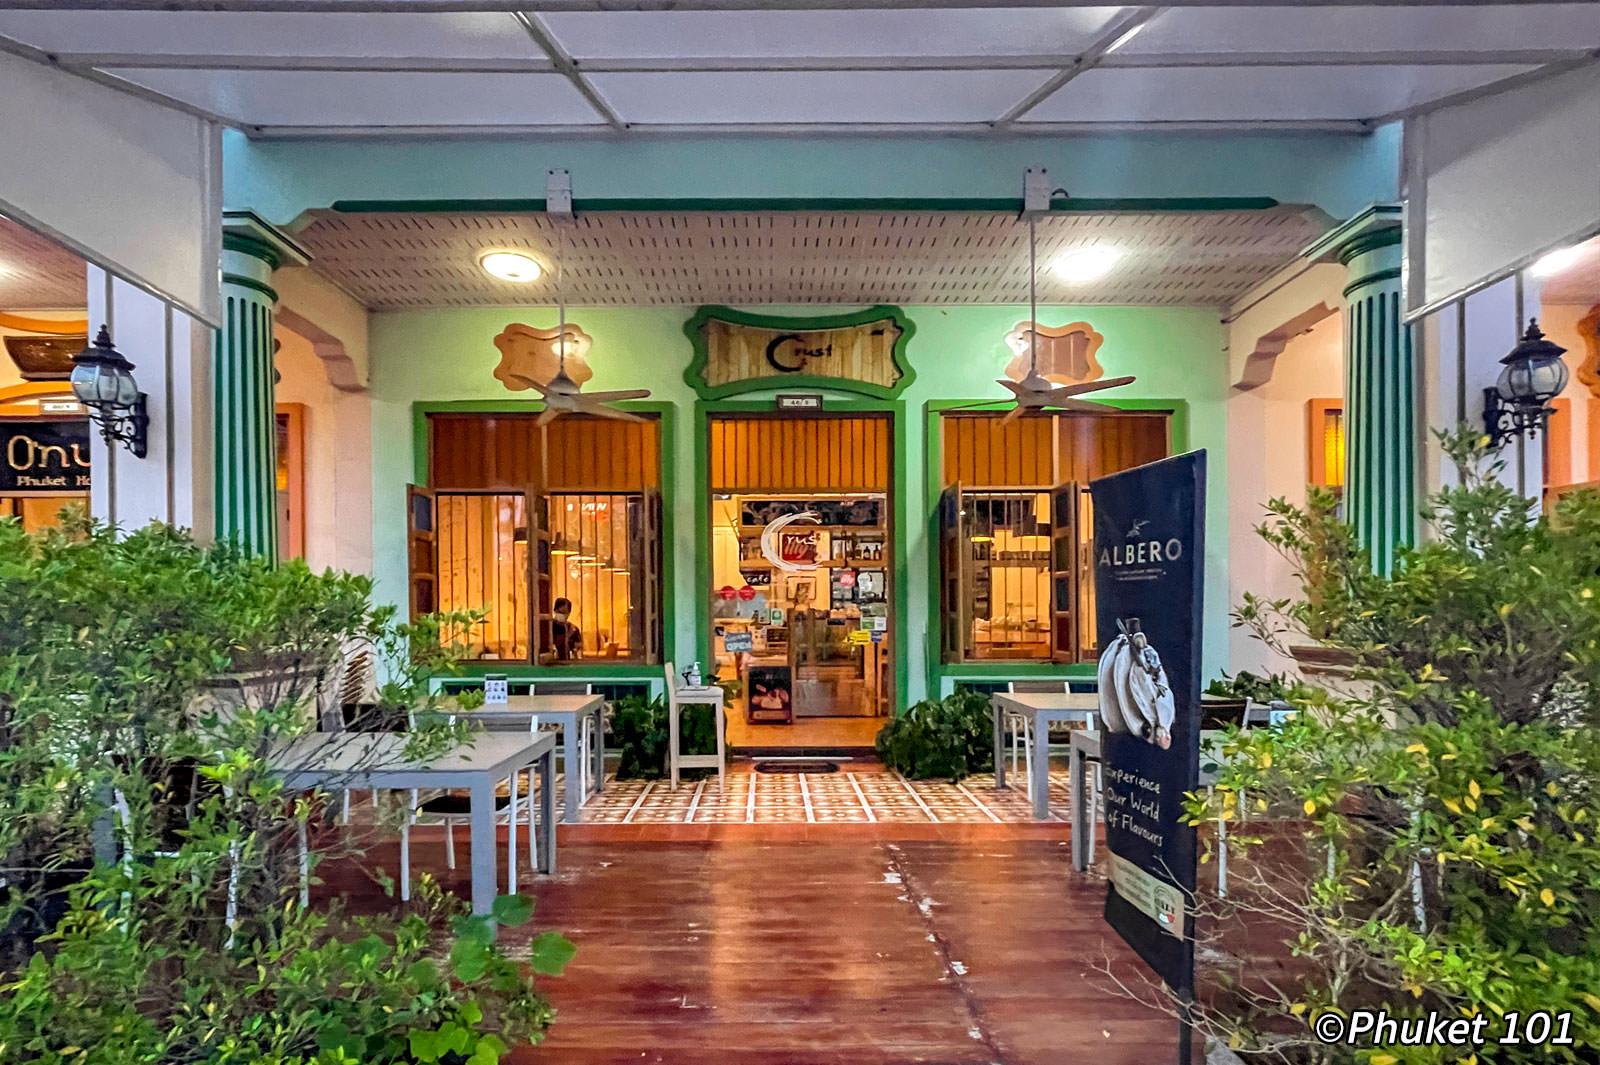 Crust Cafe & Restaurant - Italian Restaurant in Phuket Town